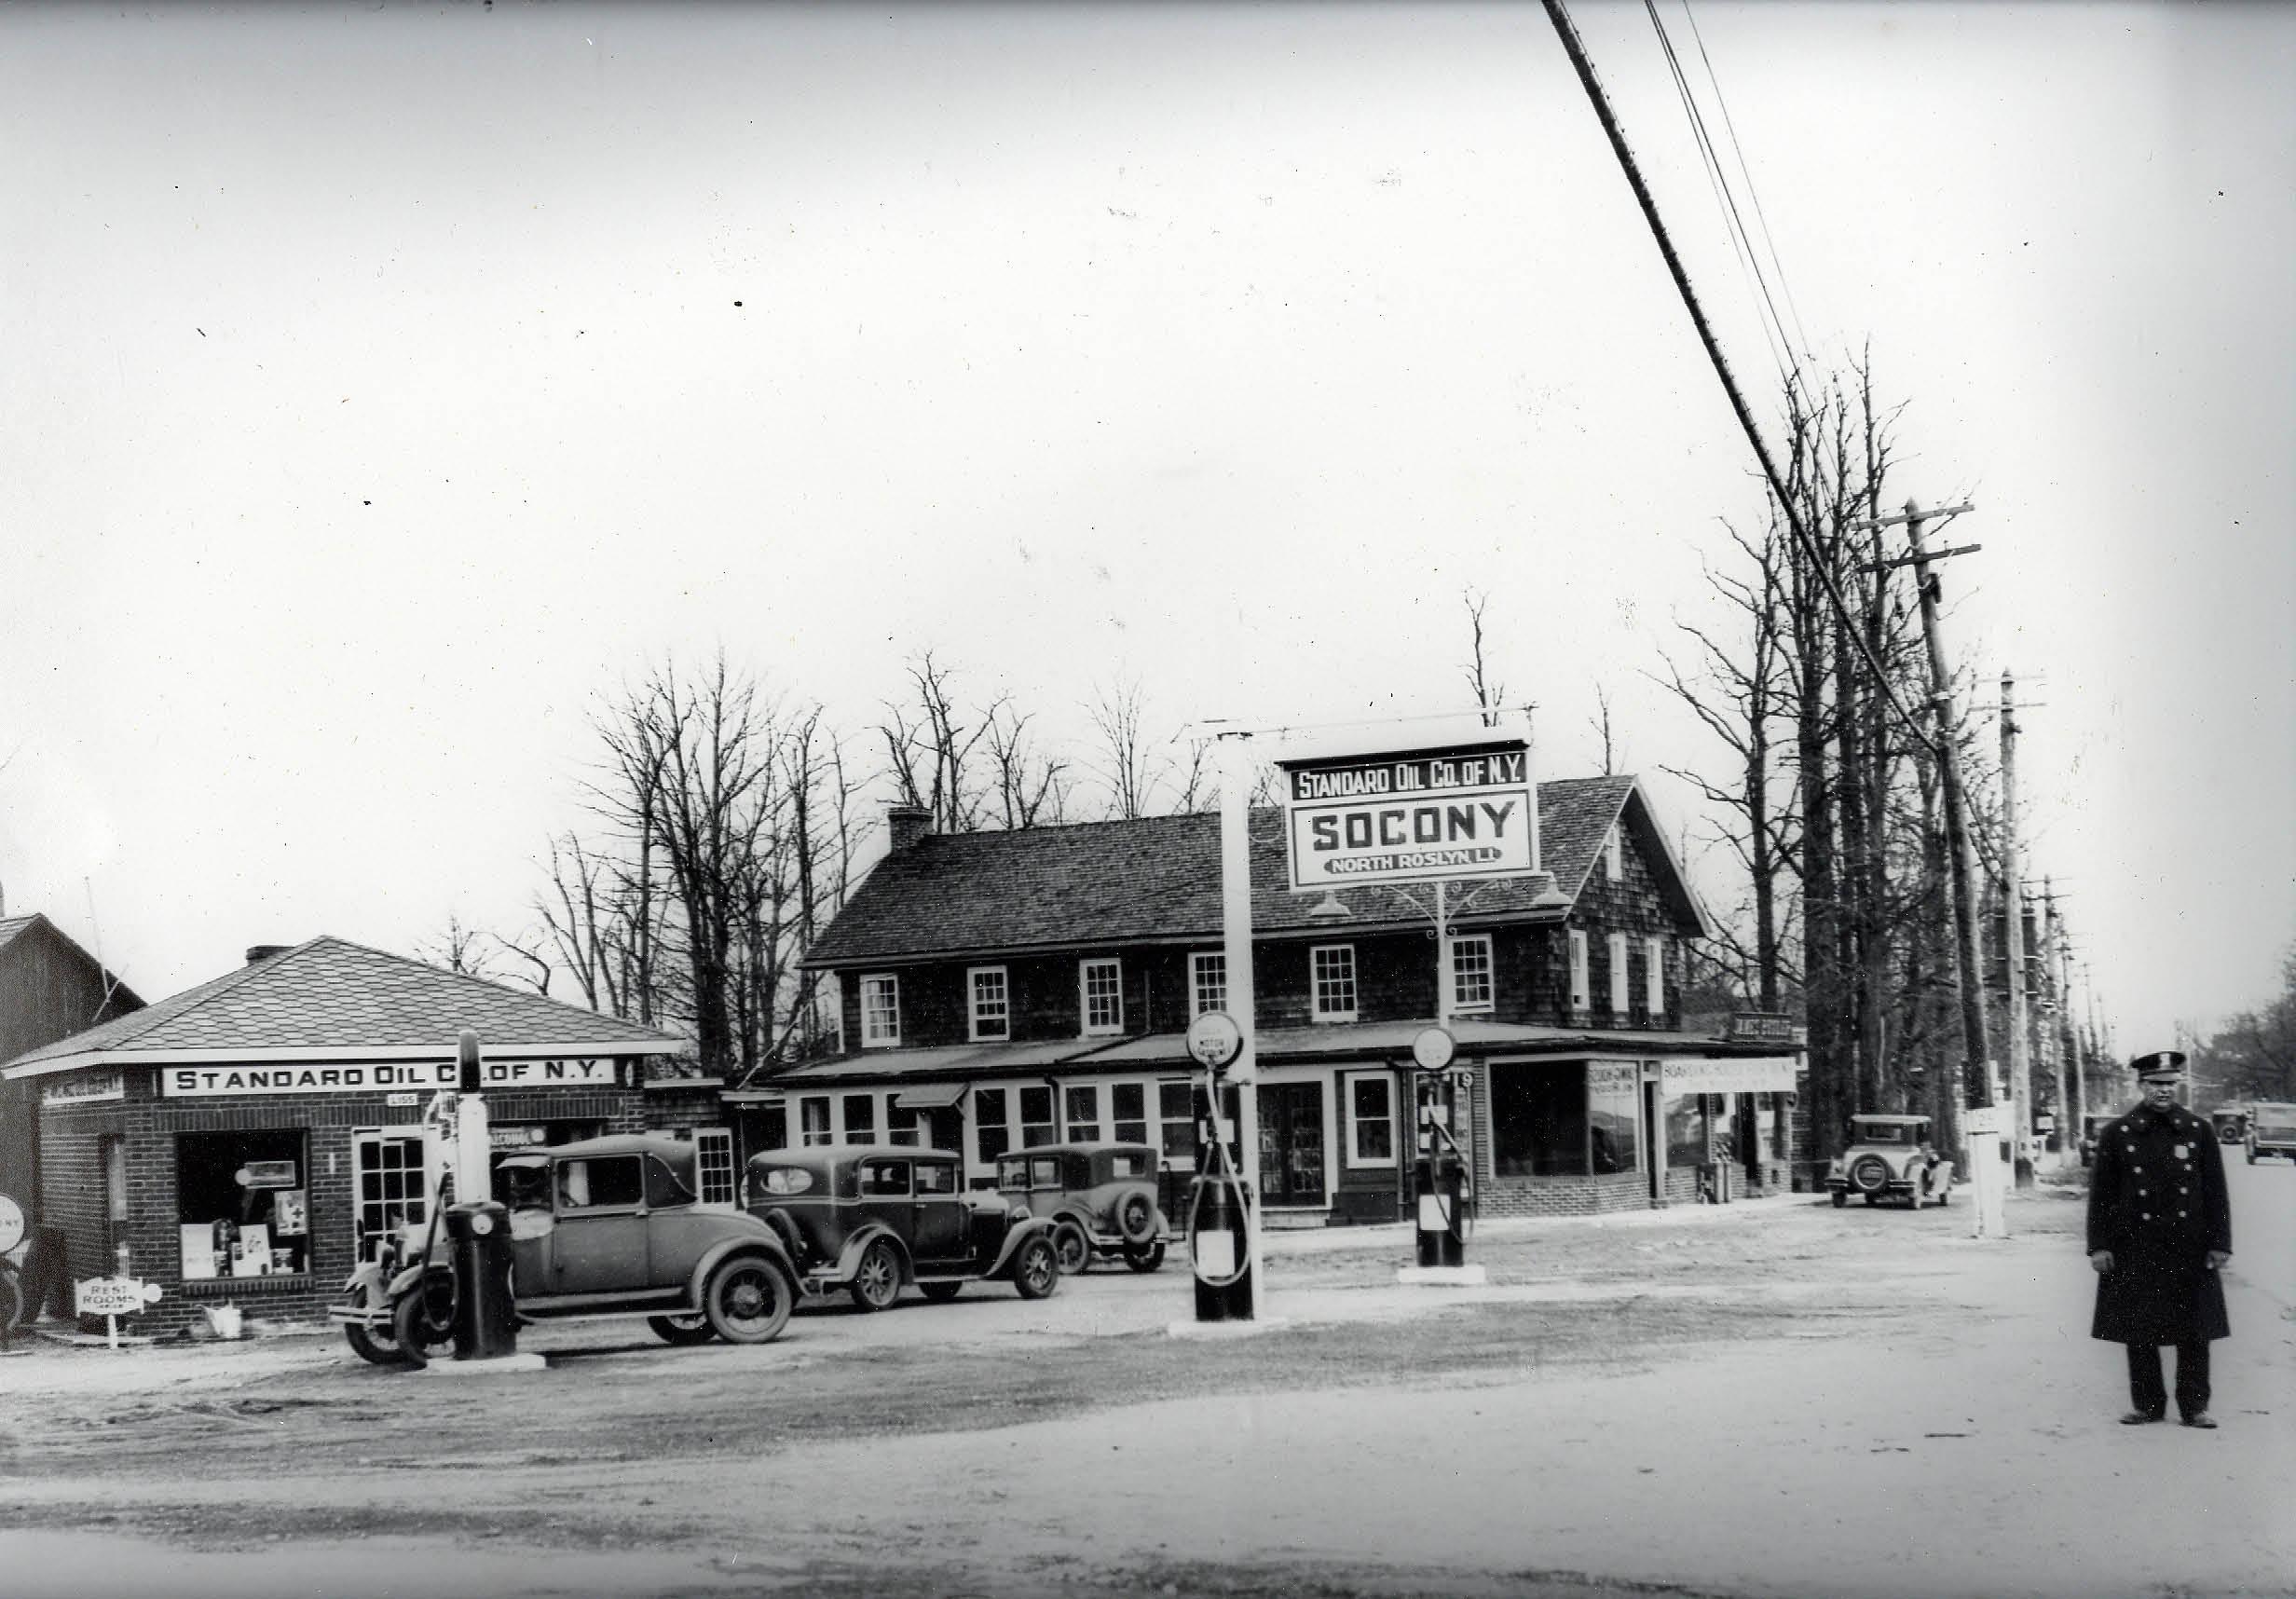 West Island Chevrolet >> Vanderbilt Cup Races - Blog - Then & Now: Bulls Head Hotel ...